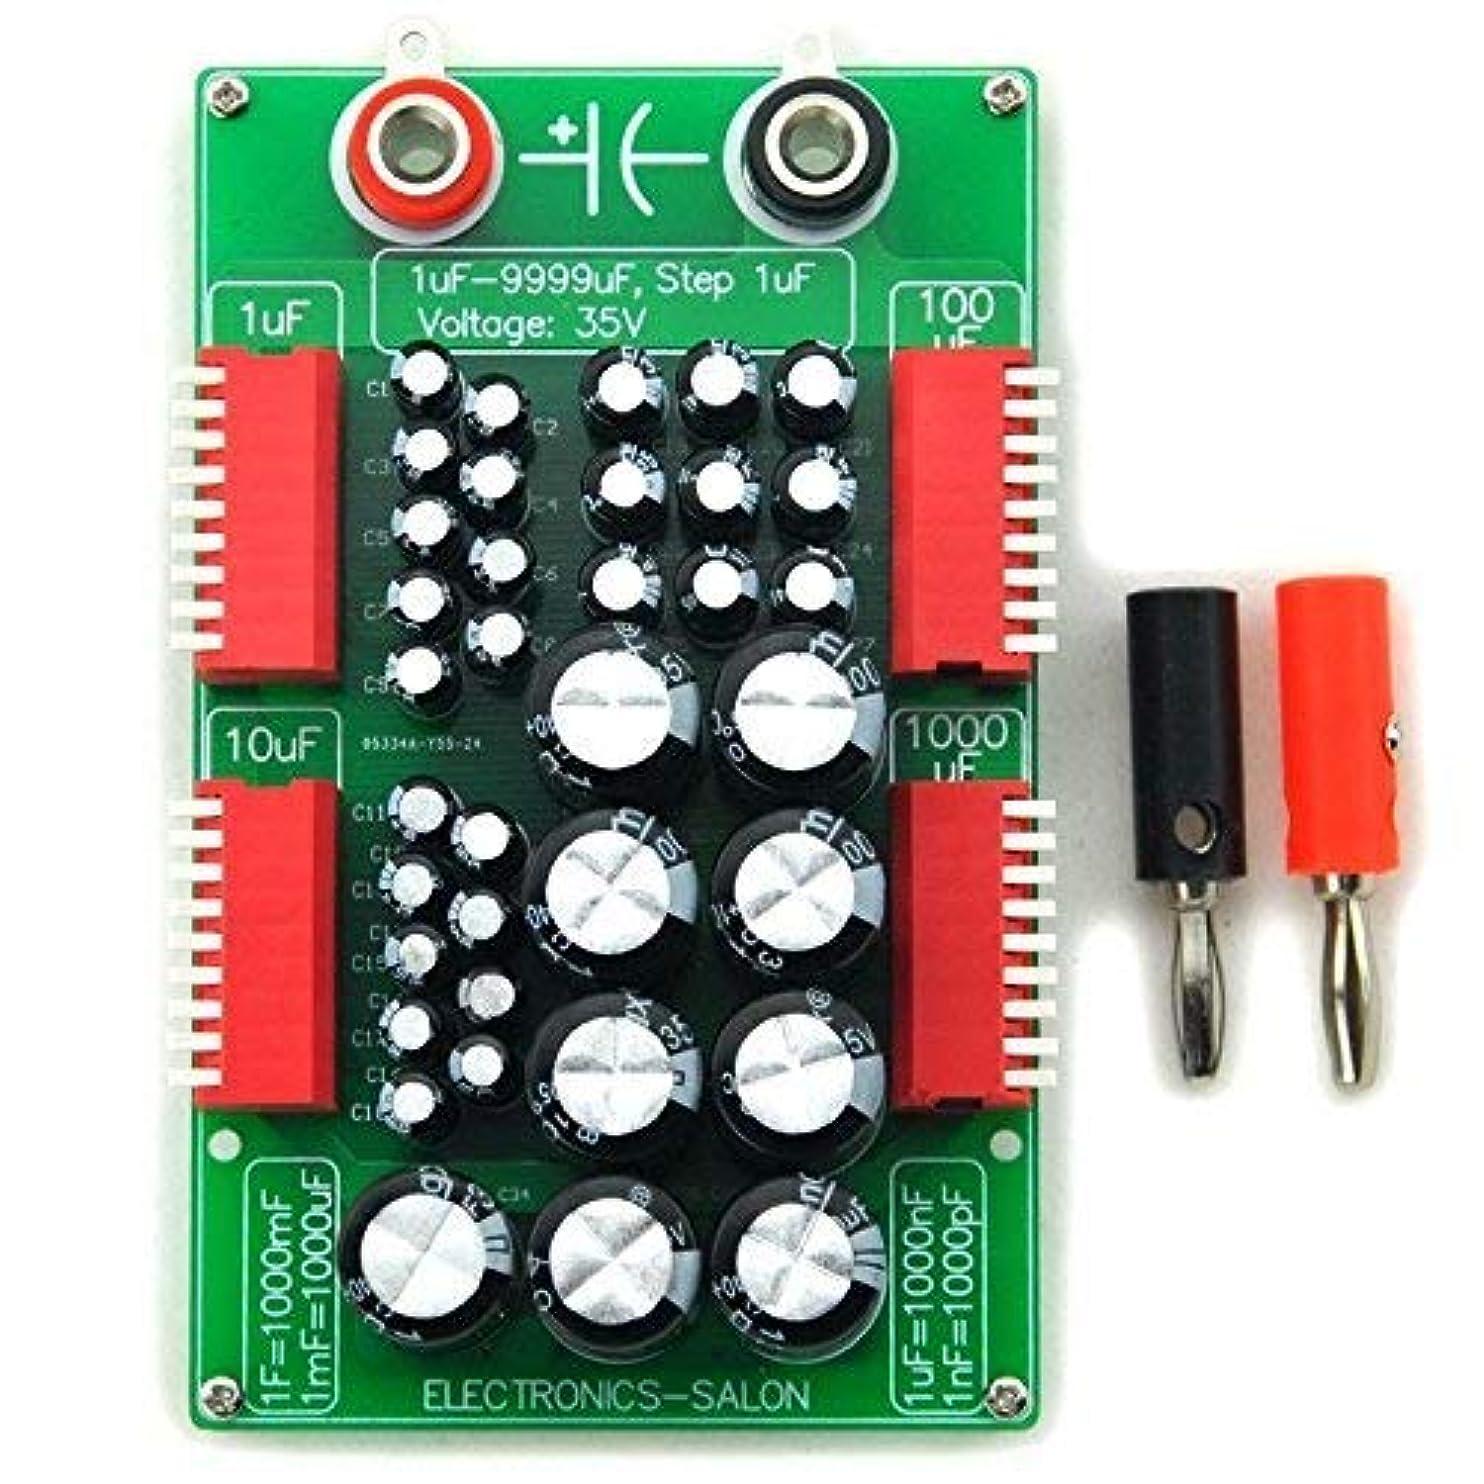 レクリエーション混乱ペチュランスElectronics-Salon 9999ufステップ-1μF 4十年 プログラム可能なコンデンサボードに1UF